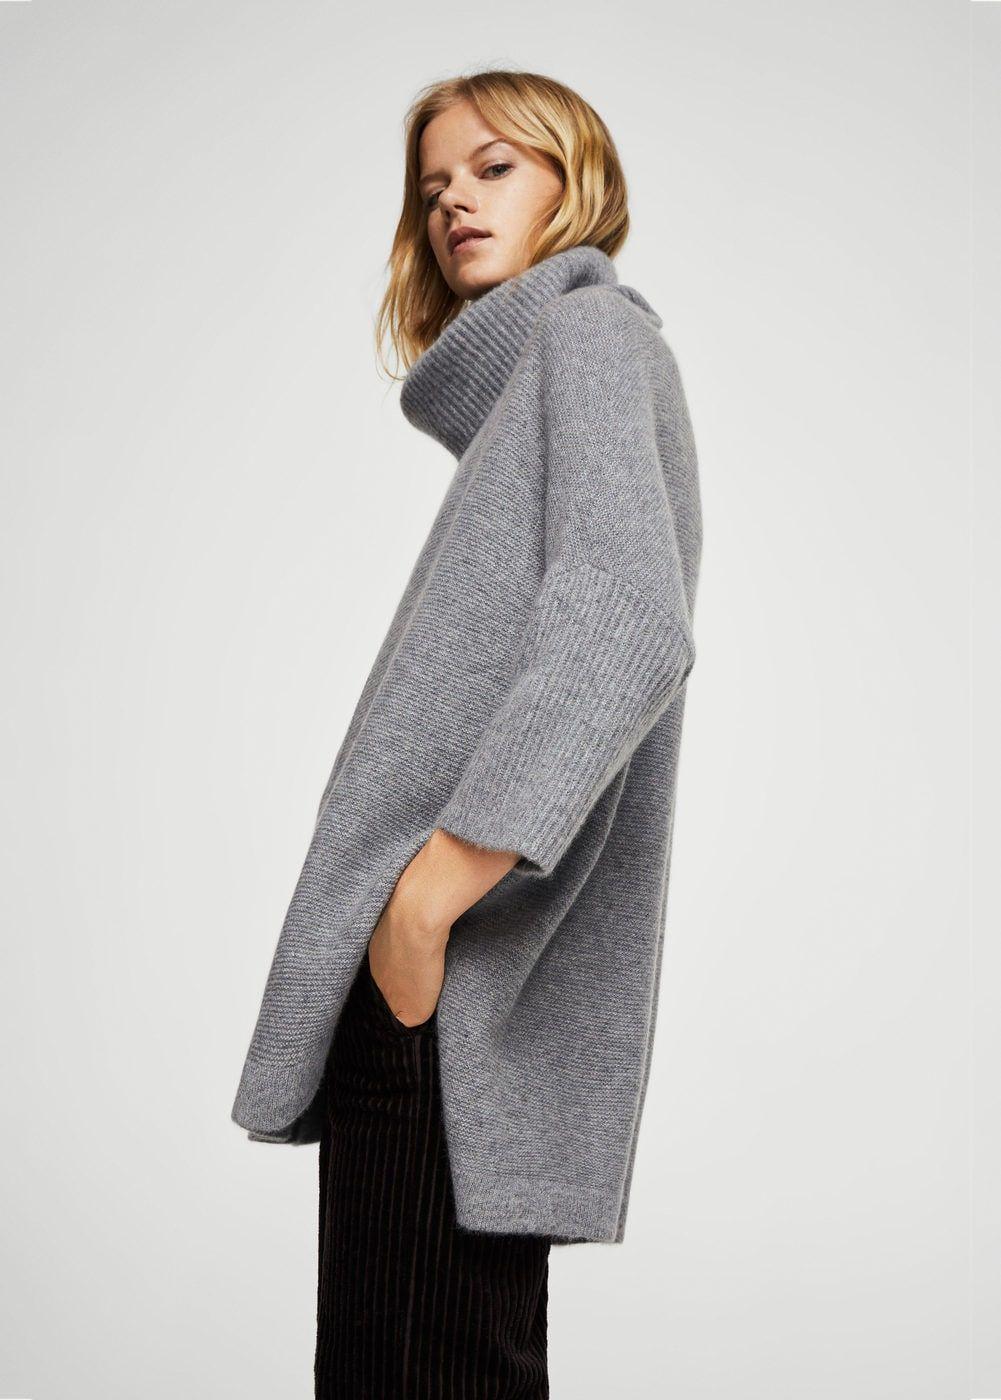 2b9d04085d2f 100% cashmere sweater - Women